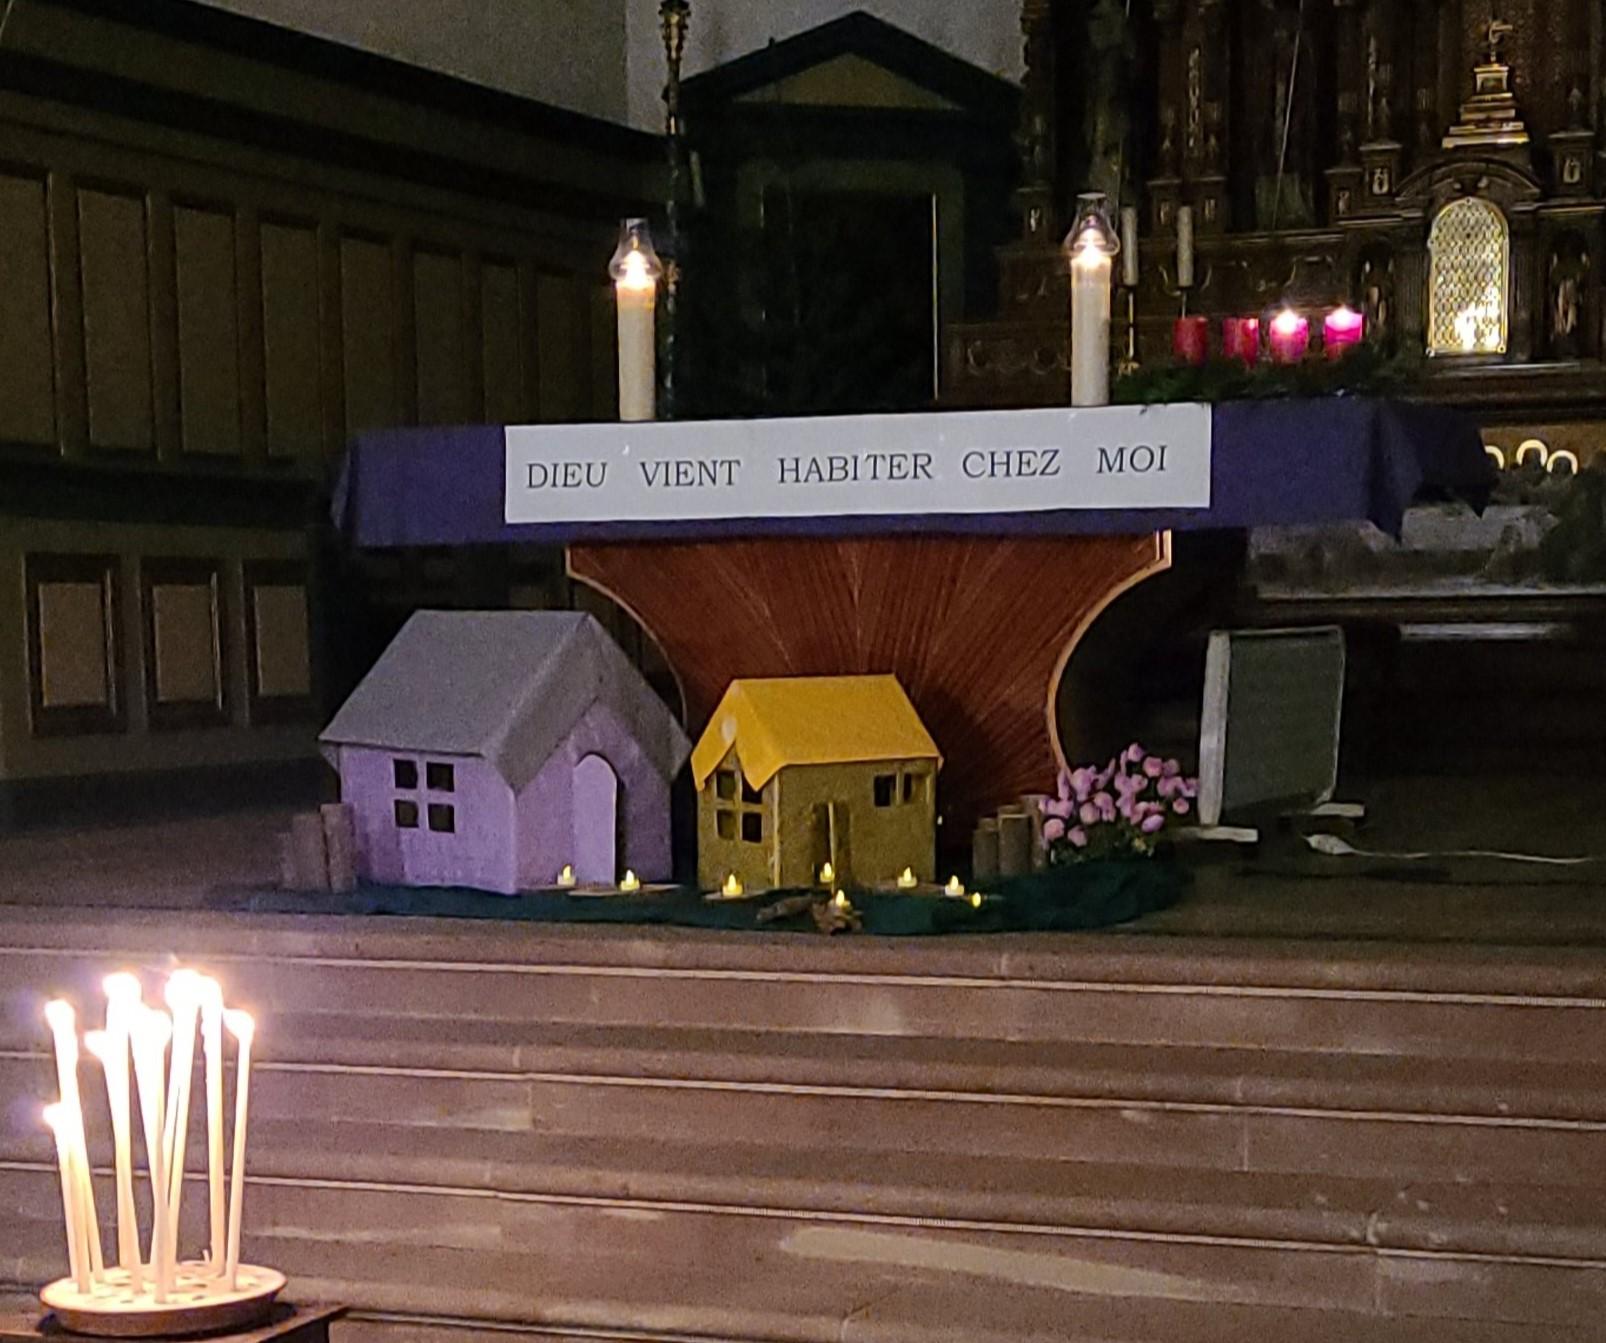 Veillée de prières dans l'esprit de Taizé - Kertzfeld - Décembre 2020